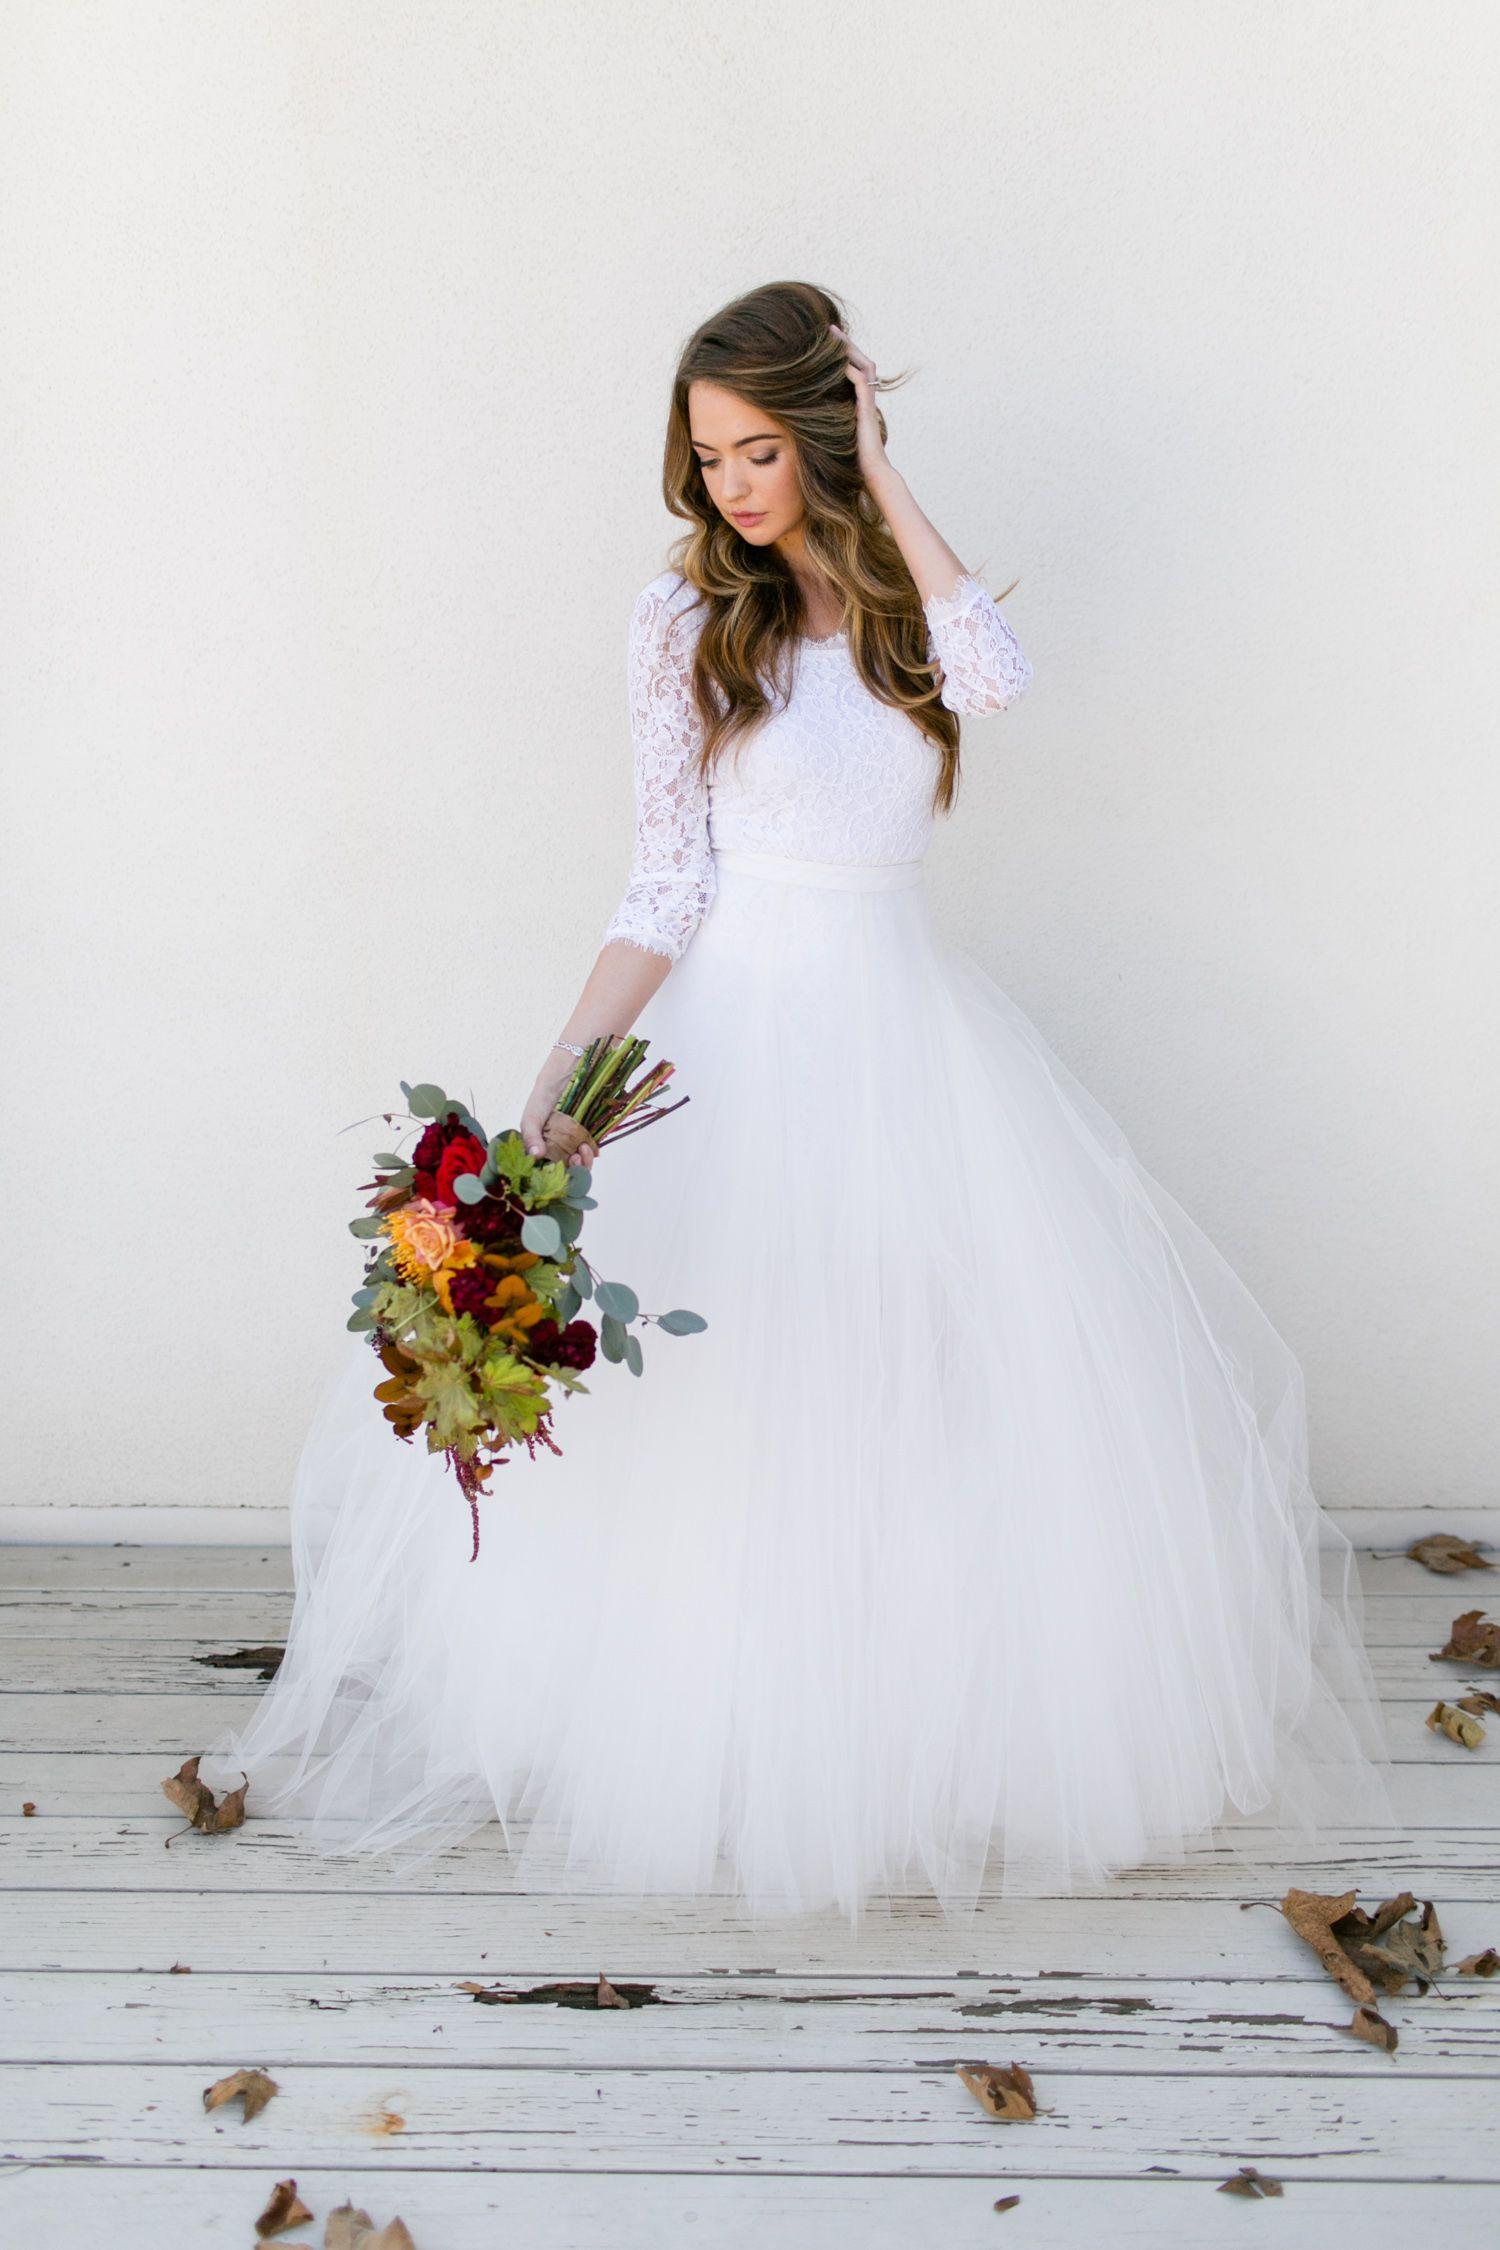 Warm Fall Inspired Wedding Ideas Wedding inspiration